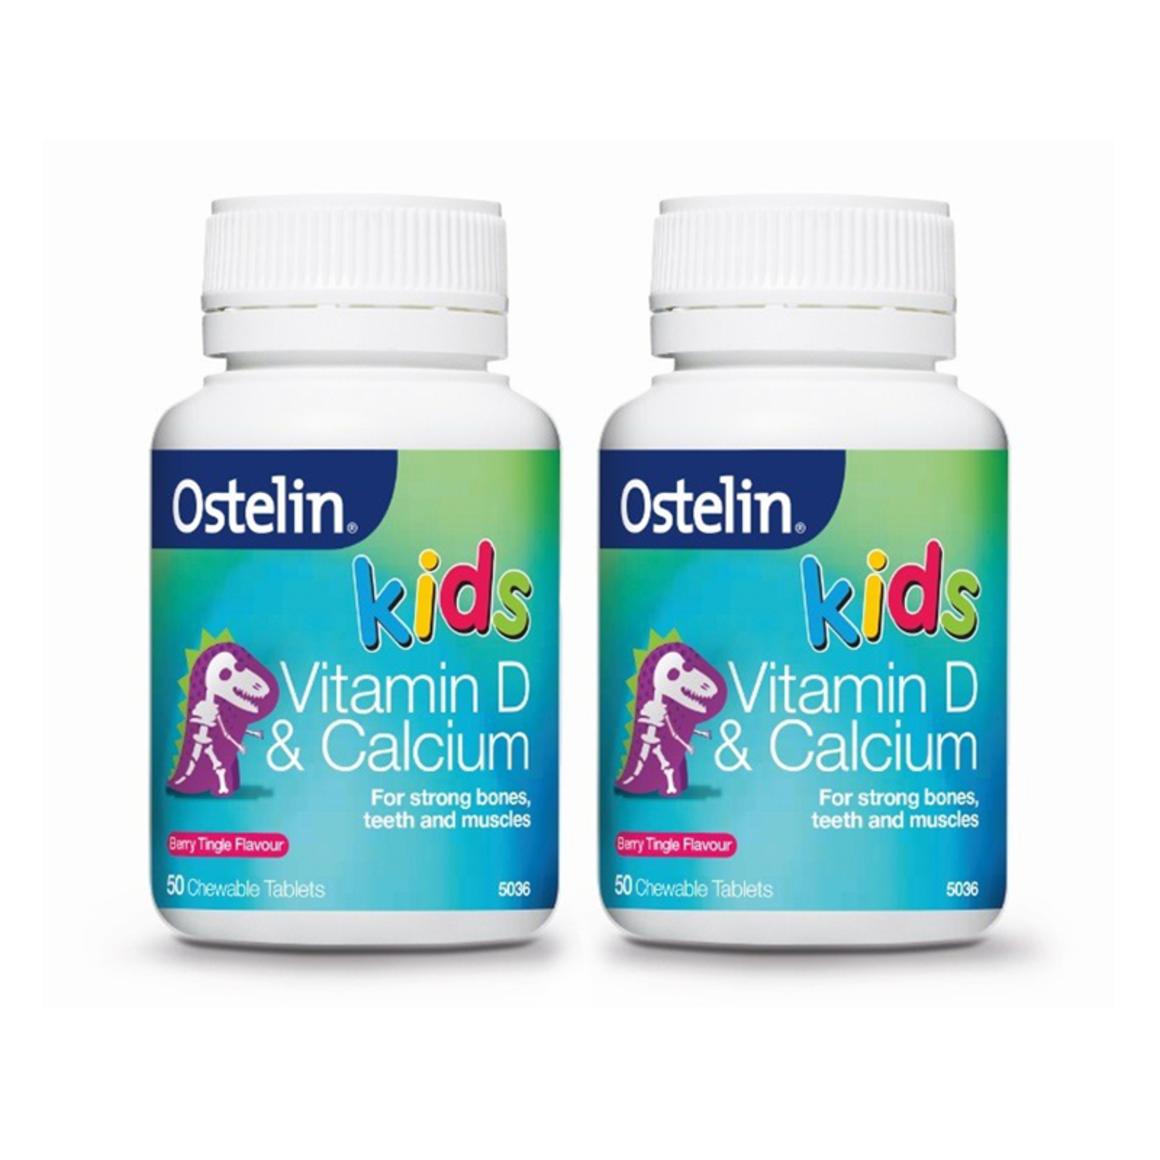 Ostelin 儿童钙+维生素D咀嚼片 50片*2